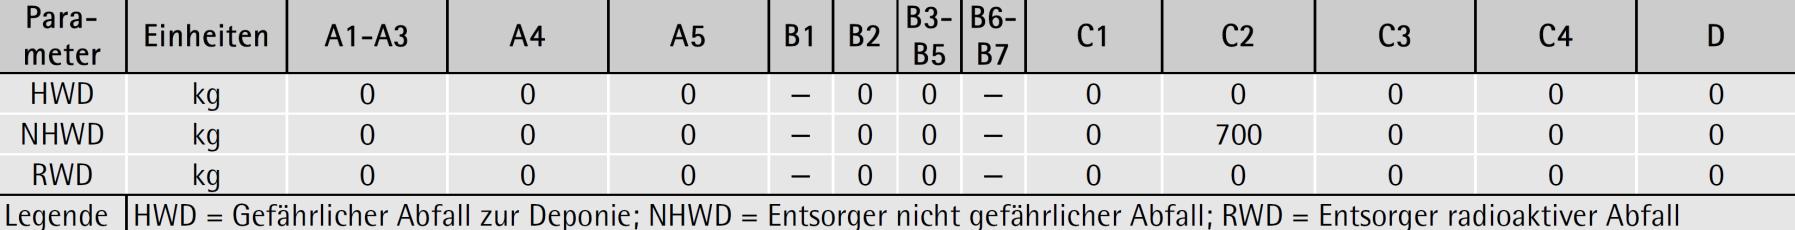 Deklaration der Umweltindikatoren: Parameter zur Beschreibung von Abfallkategorien für 1 Tonne produzierte geschützte Mauer- und Deckenziegel